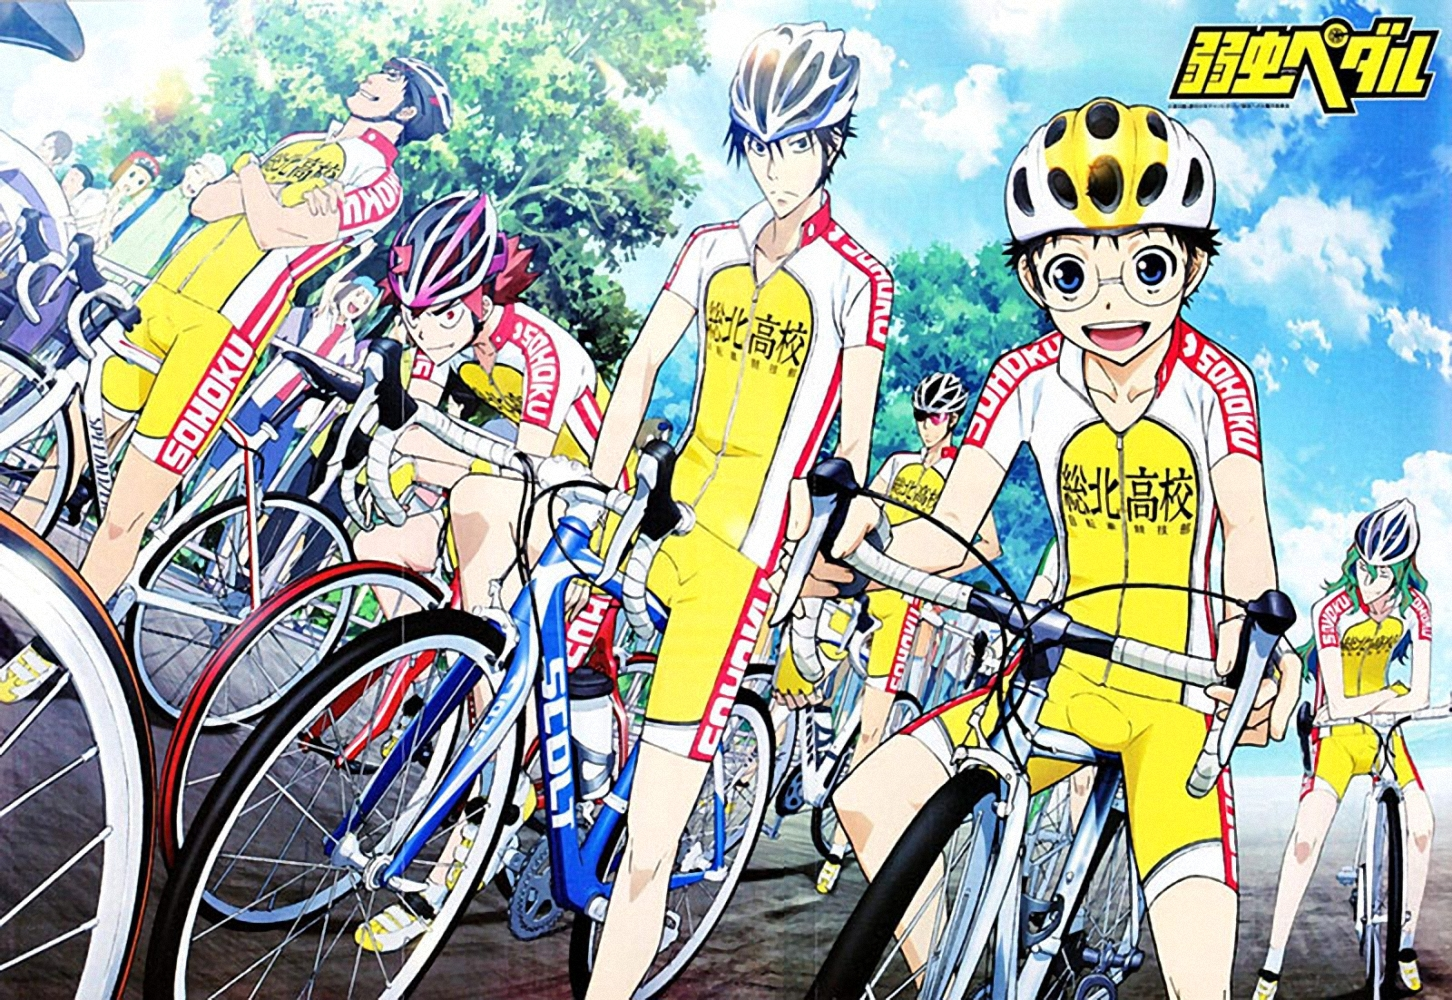 Yowamushi Pedal S3 02 episode 1  VOSTFR